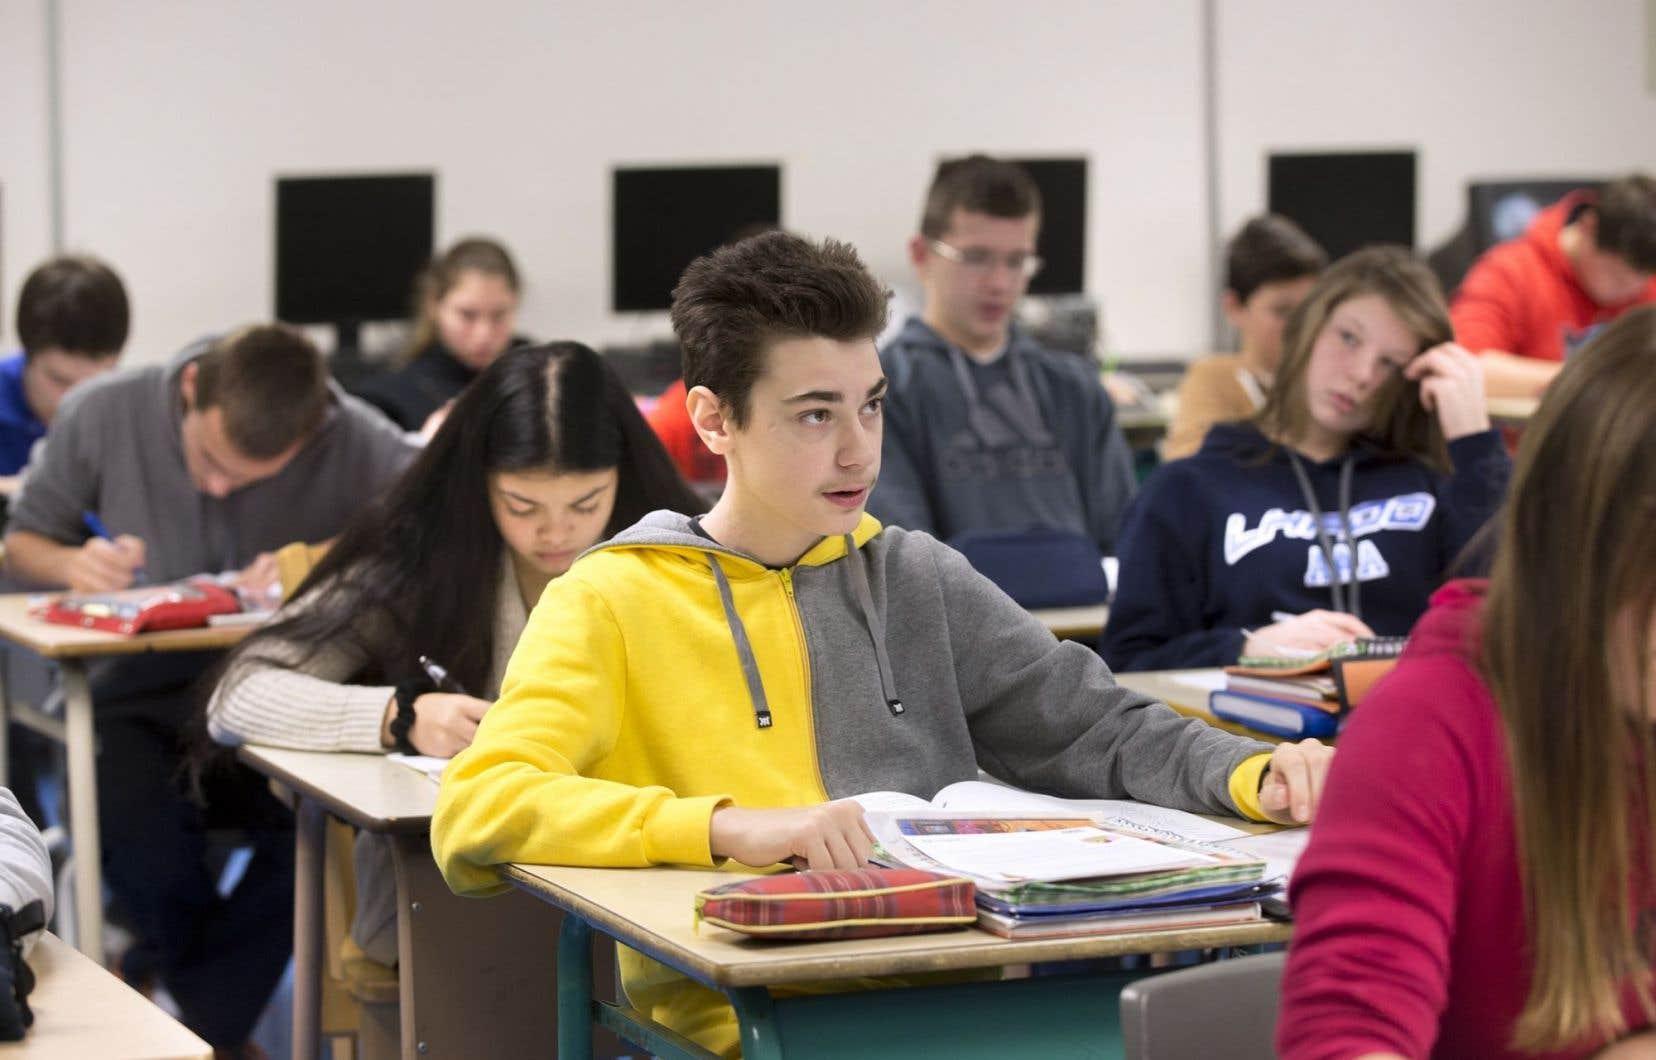 Les enseignants s'insurgent contre l'obsession de la note de passage à 60%: «Il y a continuellement des élèves qui n'atteignent pas ce seuil de réussite et qui sont promus au niveau supérieur.»